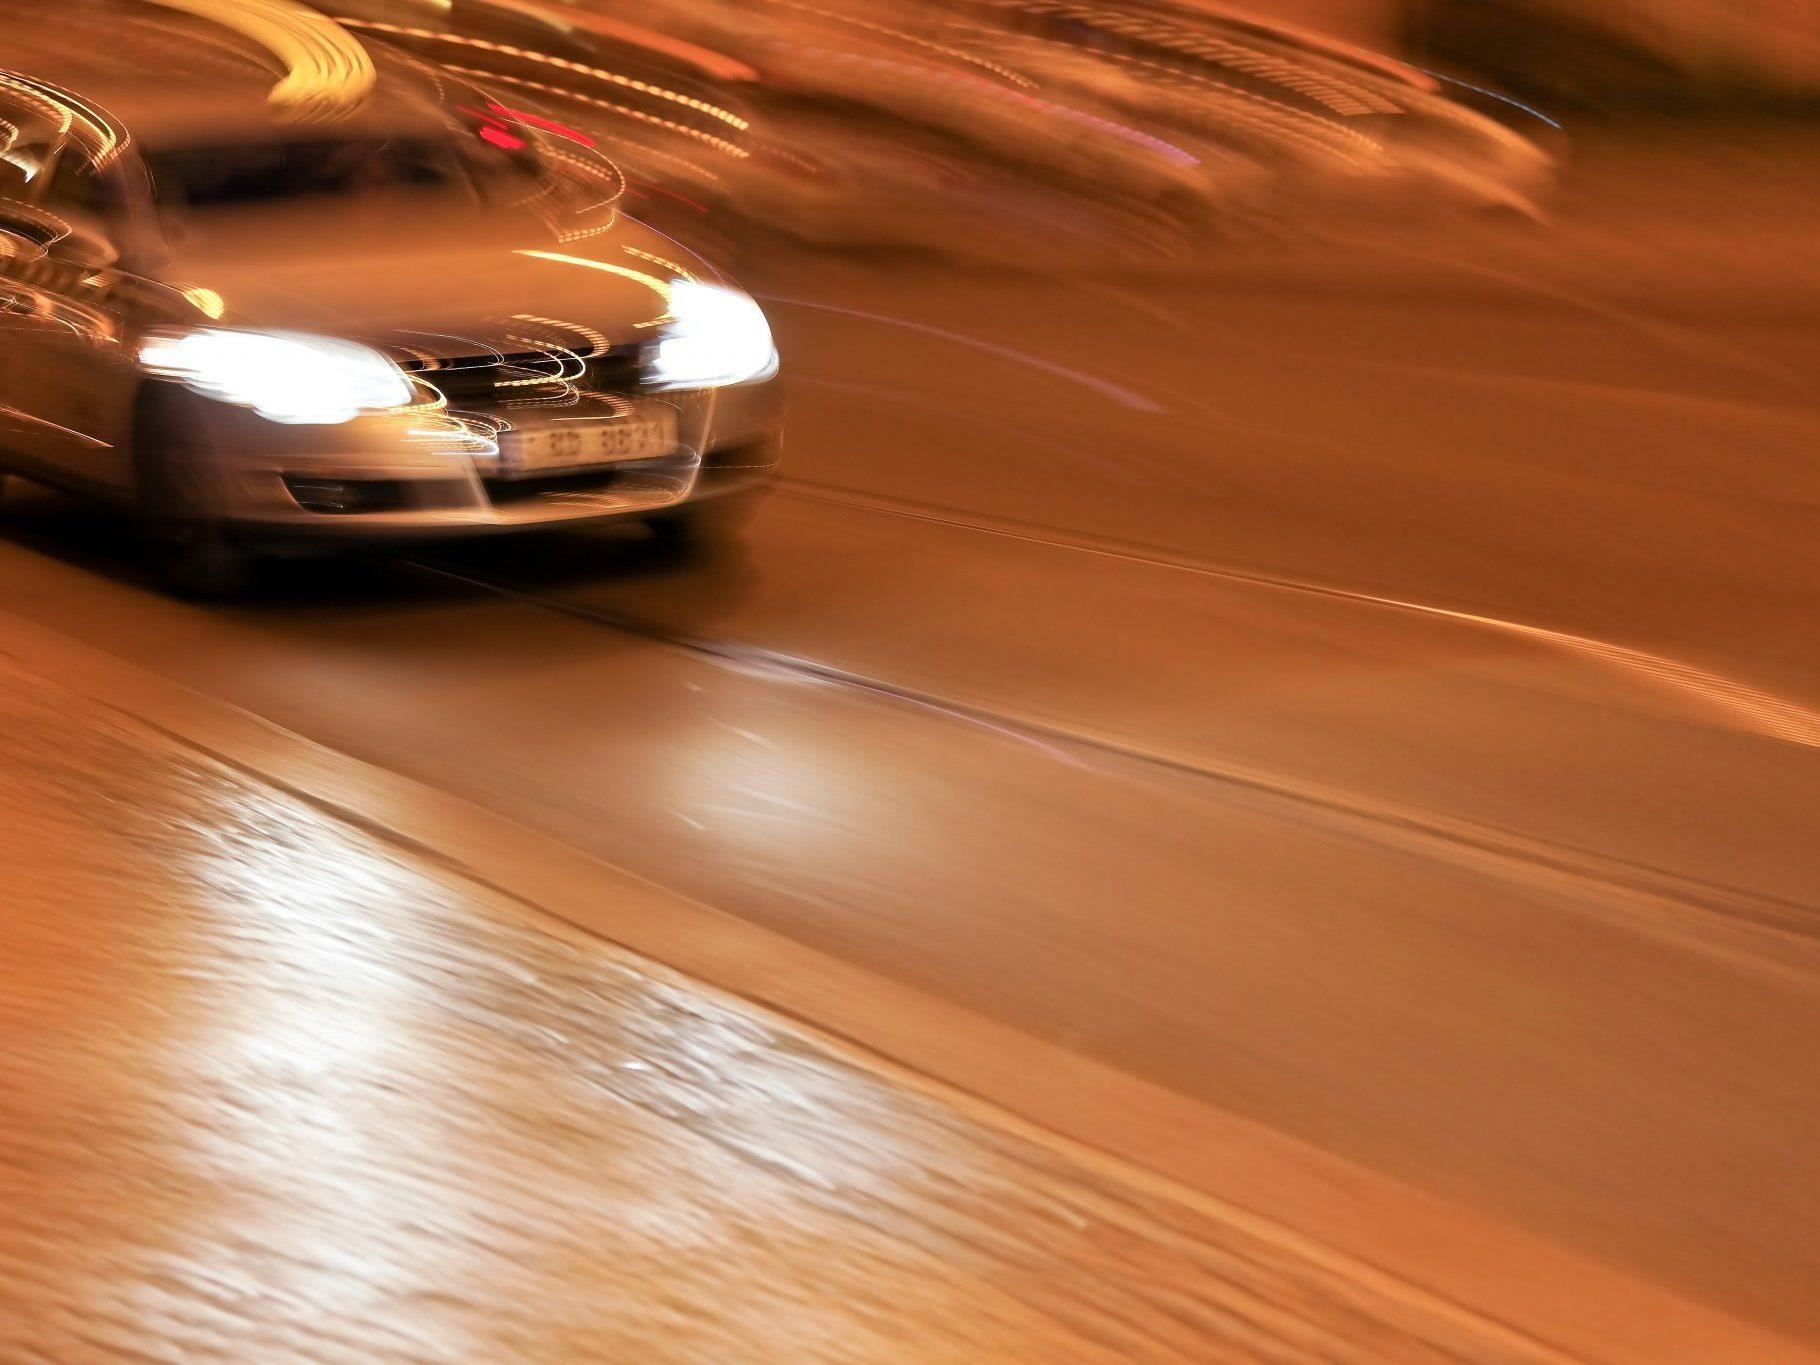 Der Mann war wegen einer Geschwindigkeitsübertretung kontrolliert worden. Er hatte keinen gültigen Führerschein bei sich und eine gefälschte Versicherungskarte.